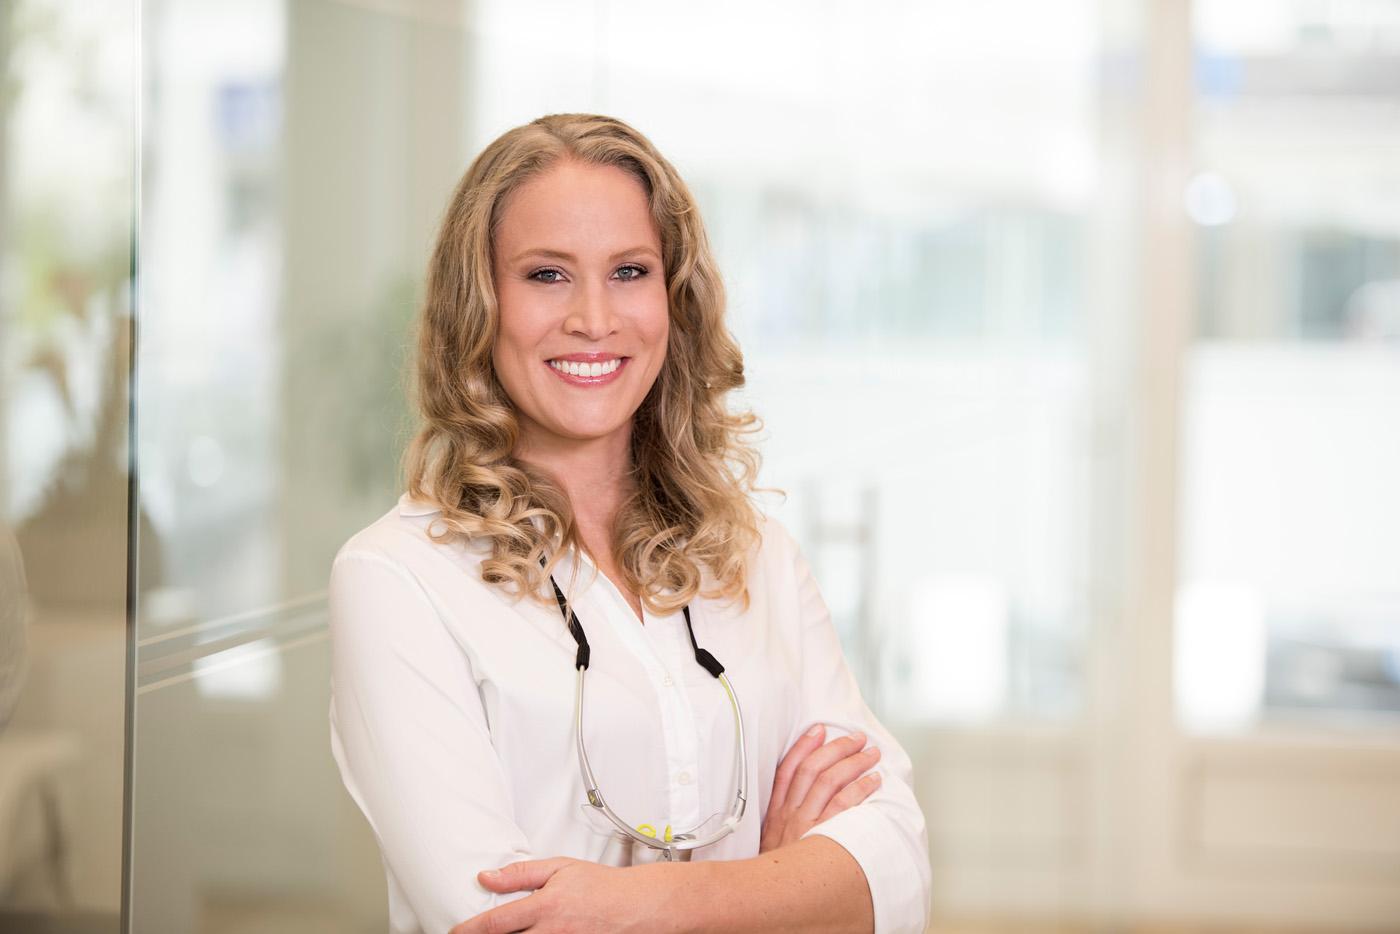 Dr. Marie-Isabelle Merensky Zahnarzt Geretsried Samtweiss Kieferorthopädie und Zahnarzt